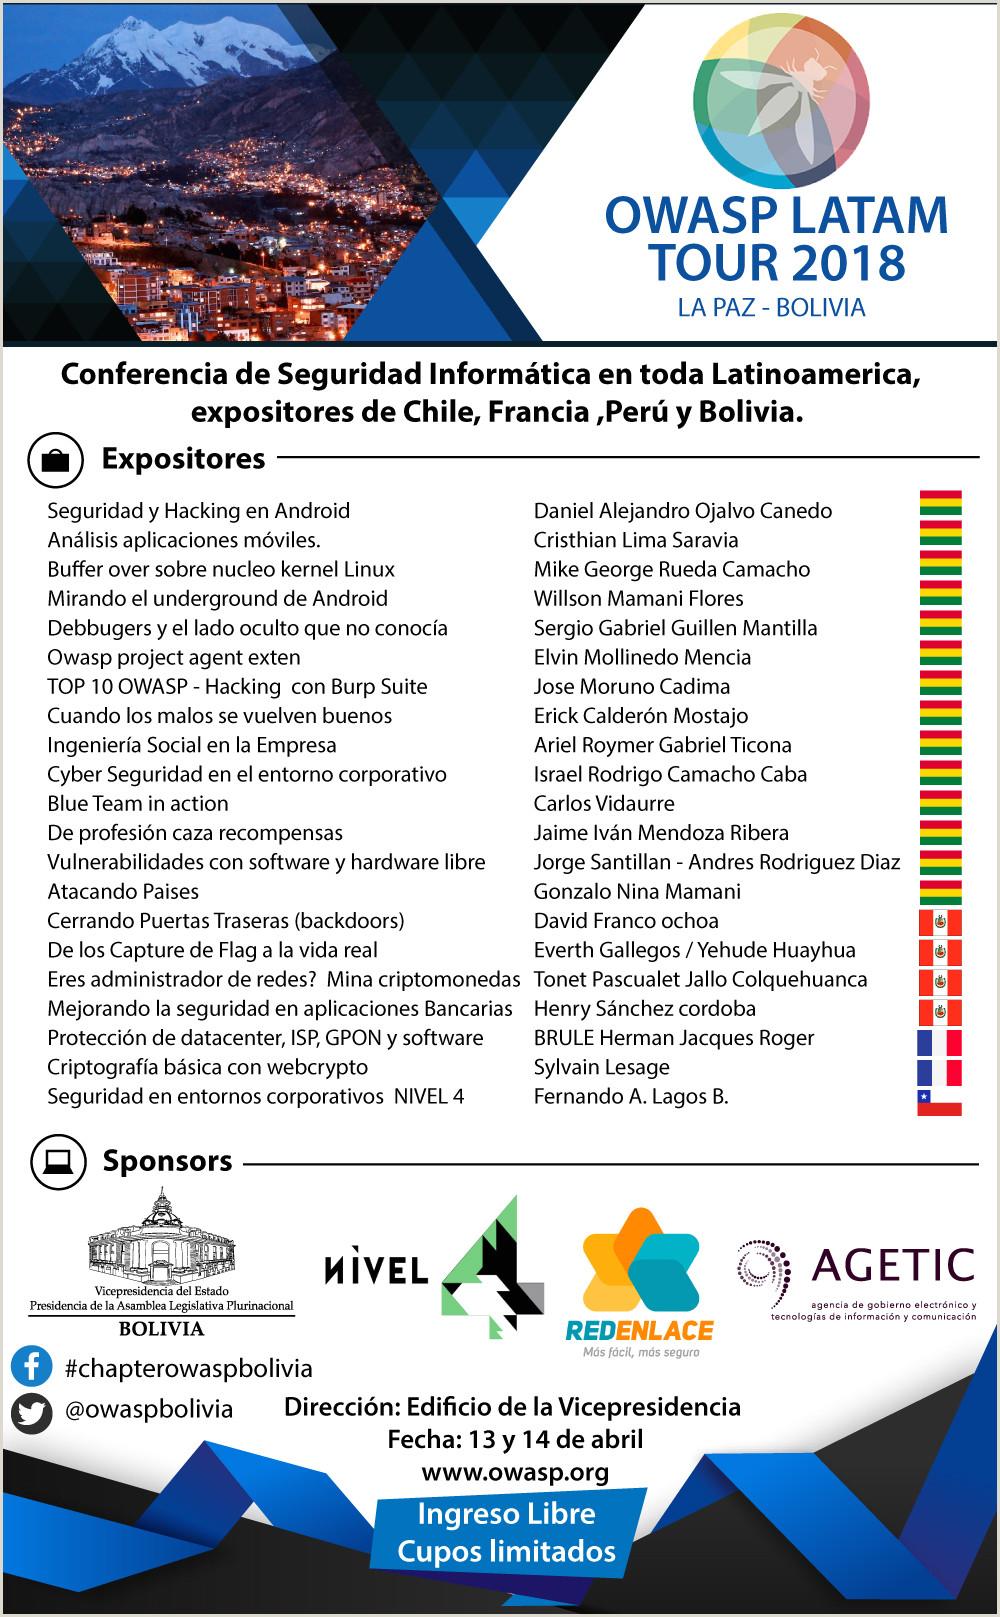 Descargar Hoja De Vida Colombia 2018 Latamtour2018 Owasp